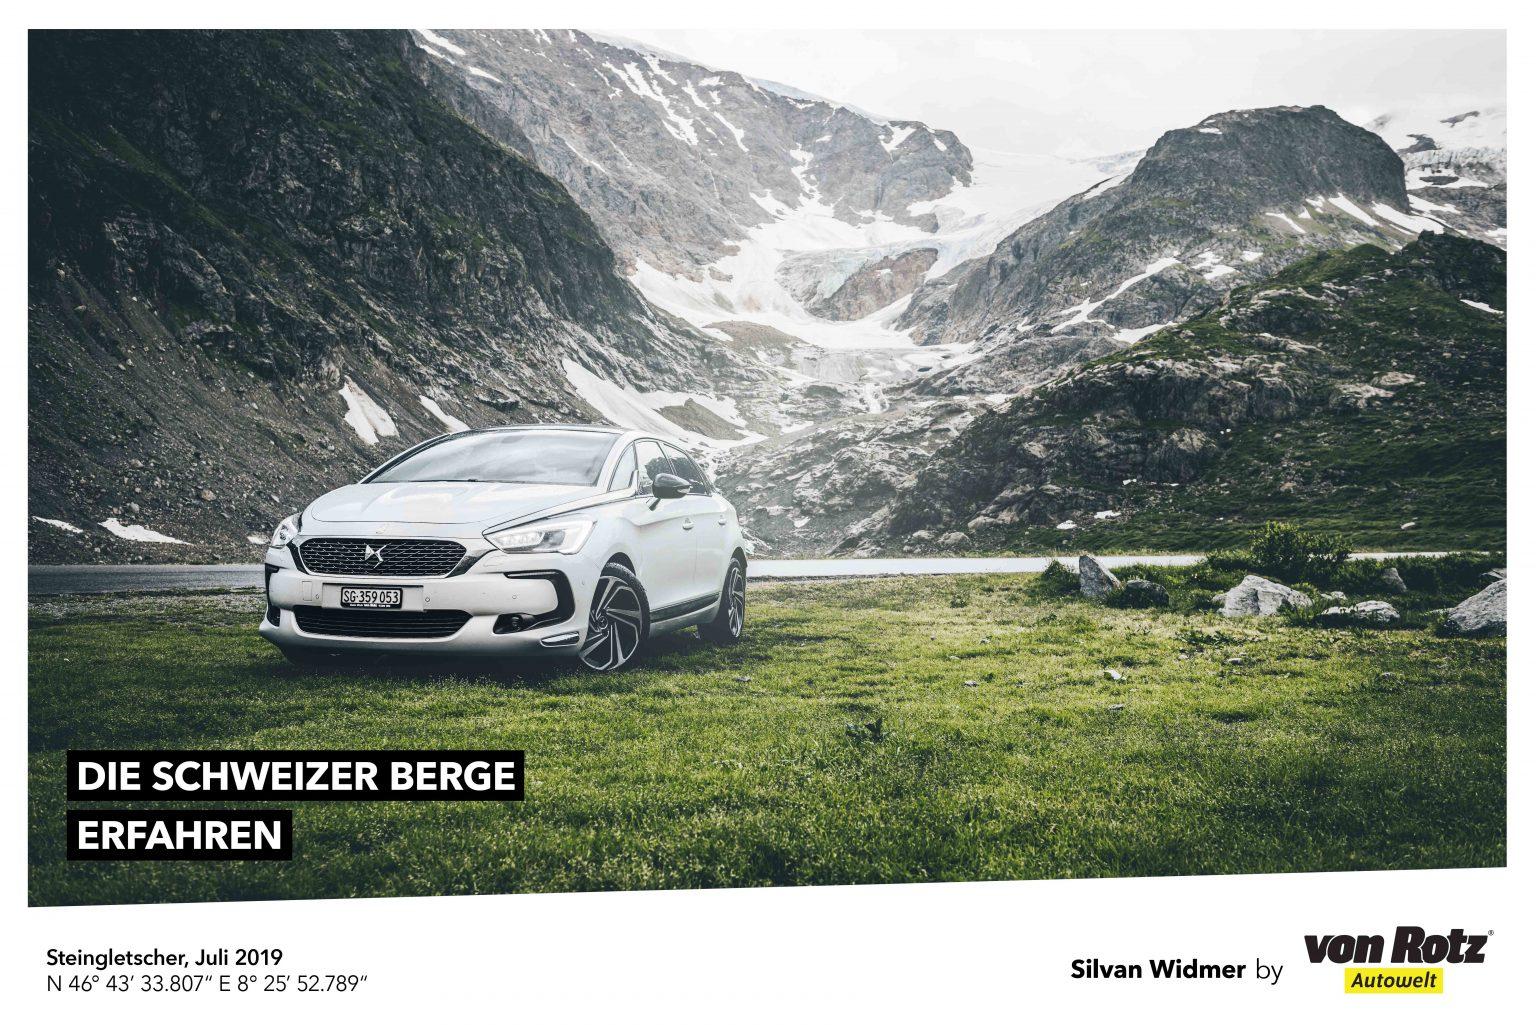 Die Schweizer Berge erfahren mit Silvan Widmer - Auto Welt von Rotz AG 2